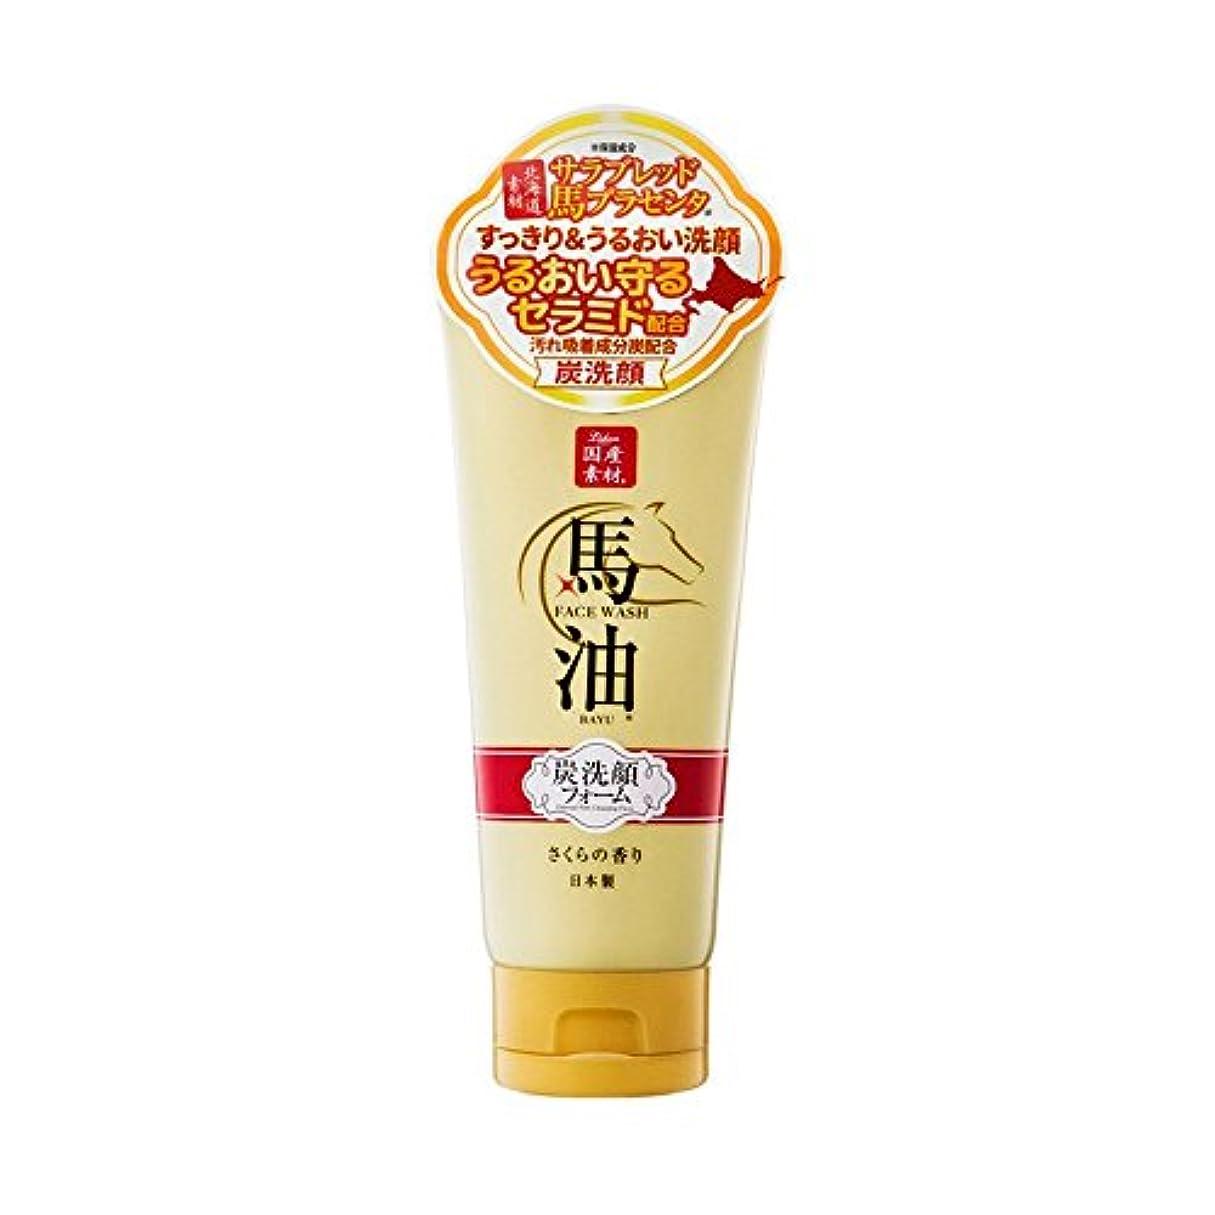 セイはさておき前に変色するリシャン 馬油&炭洗顔フォーム(さくらの香り)(内容量130g)